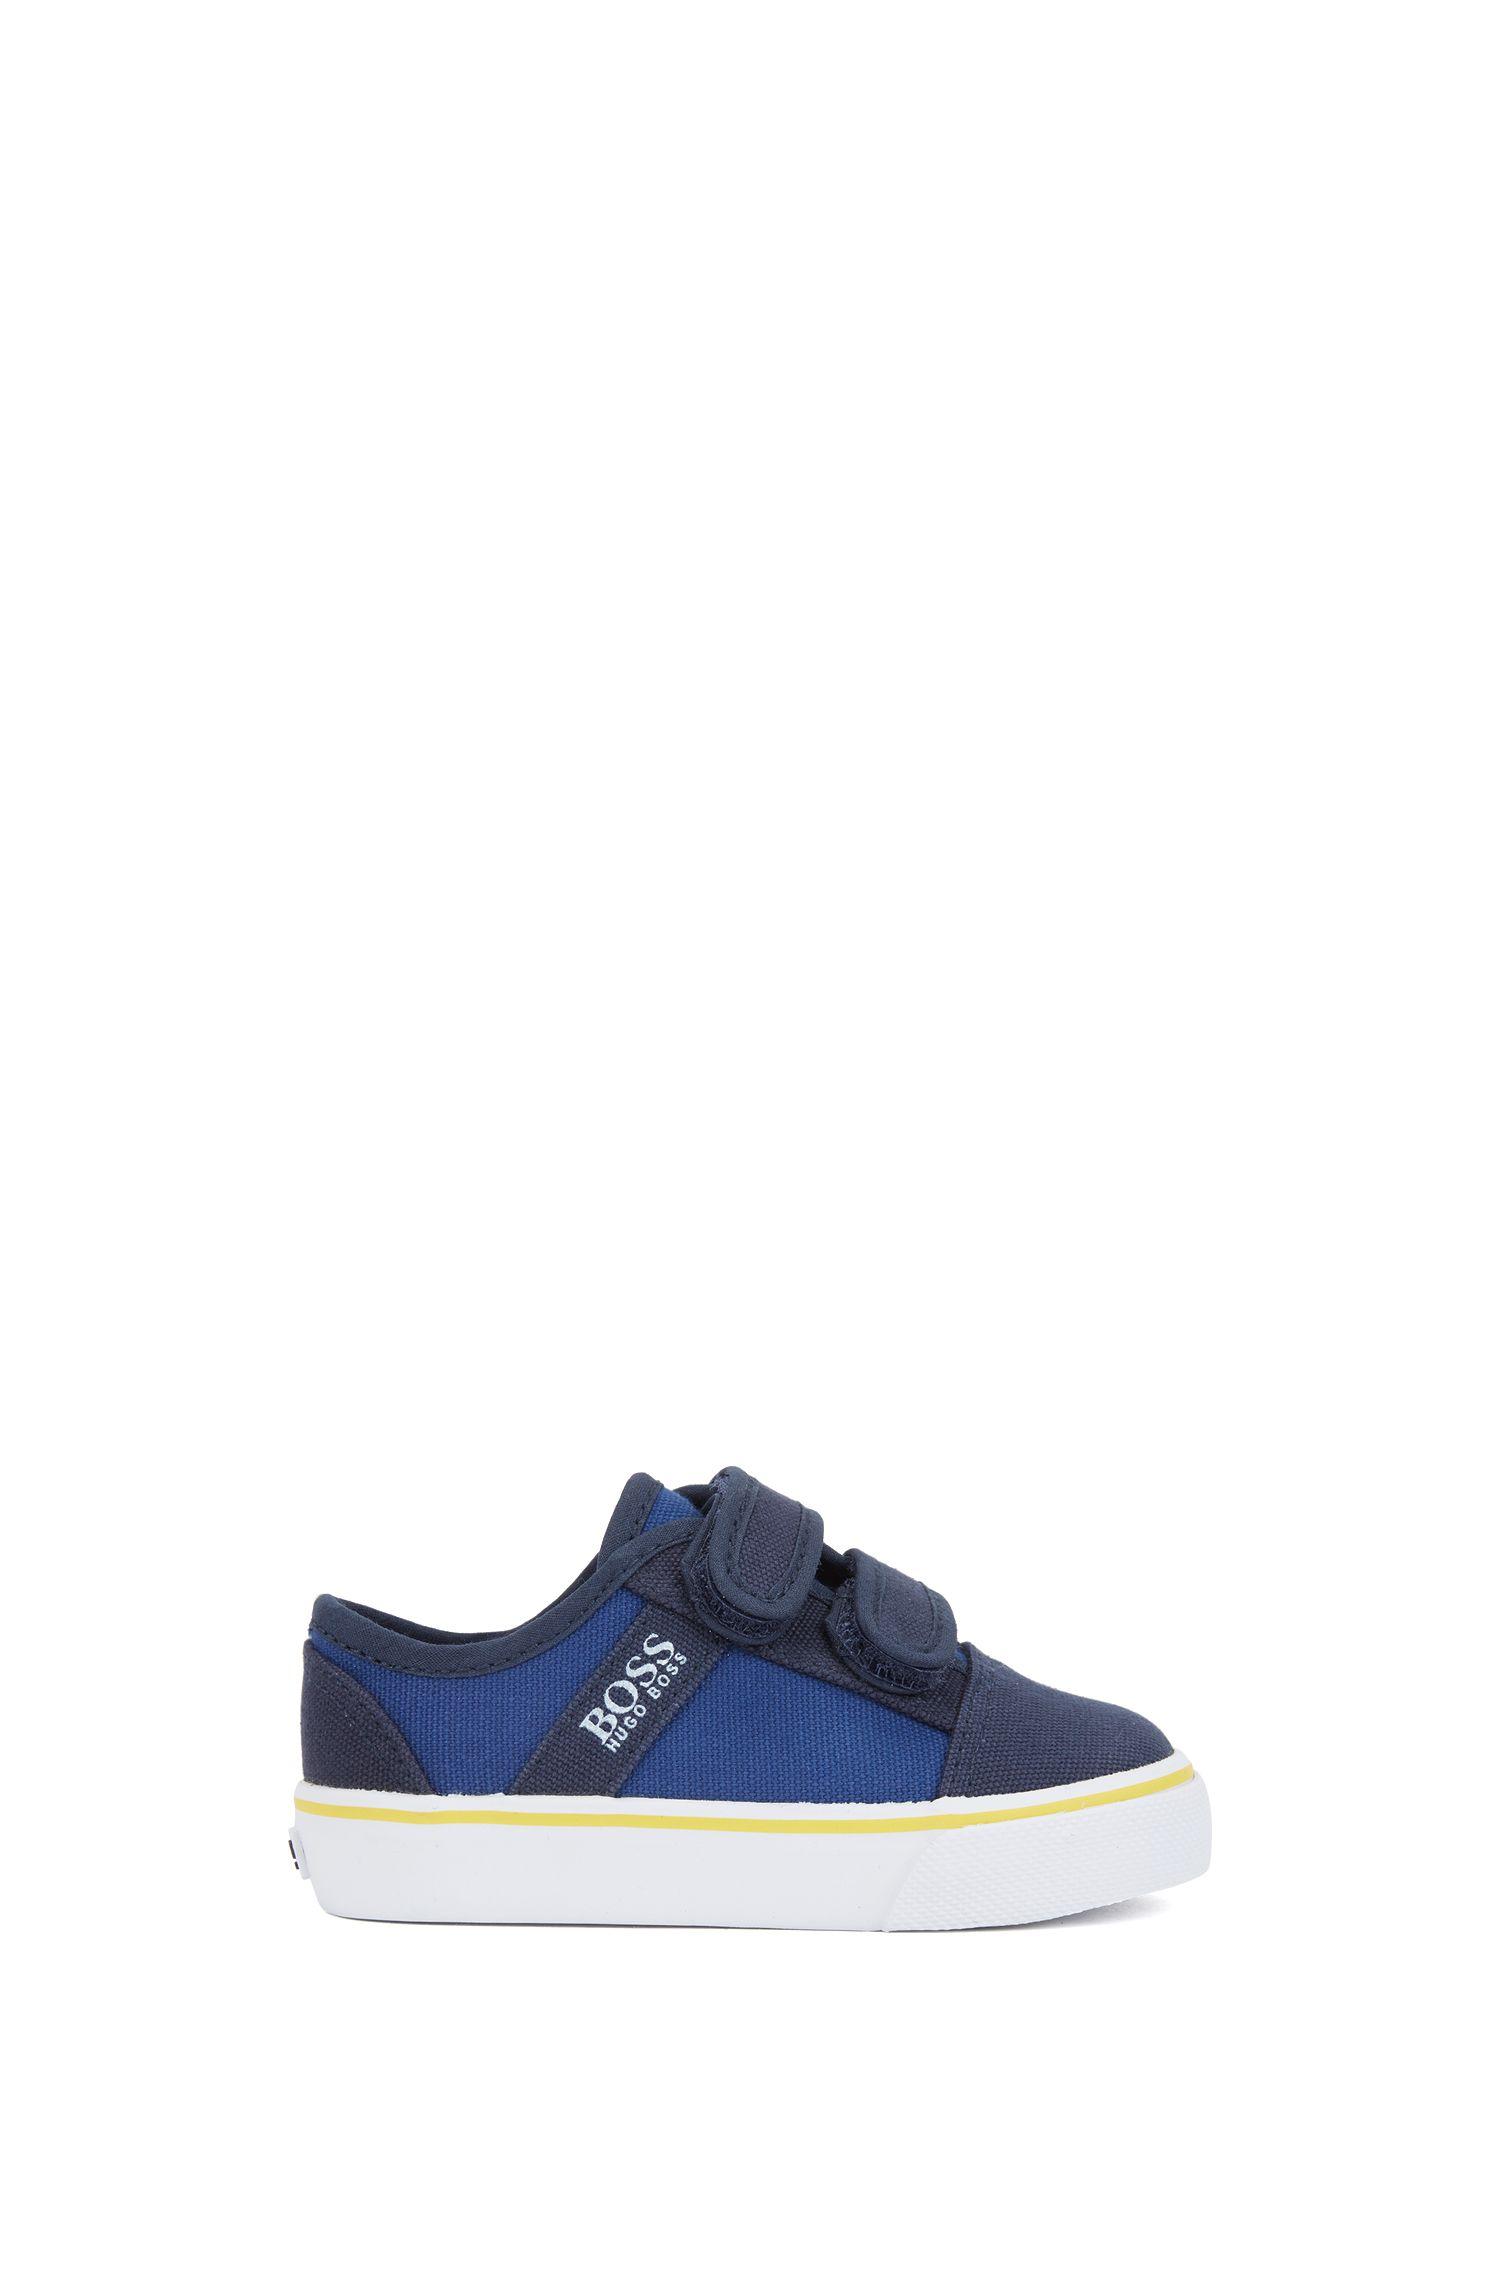 Kids-Sneakers aus Canvas mit Klettverschluss, Blau